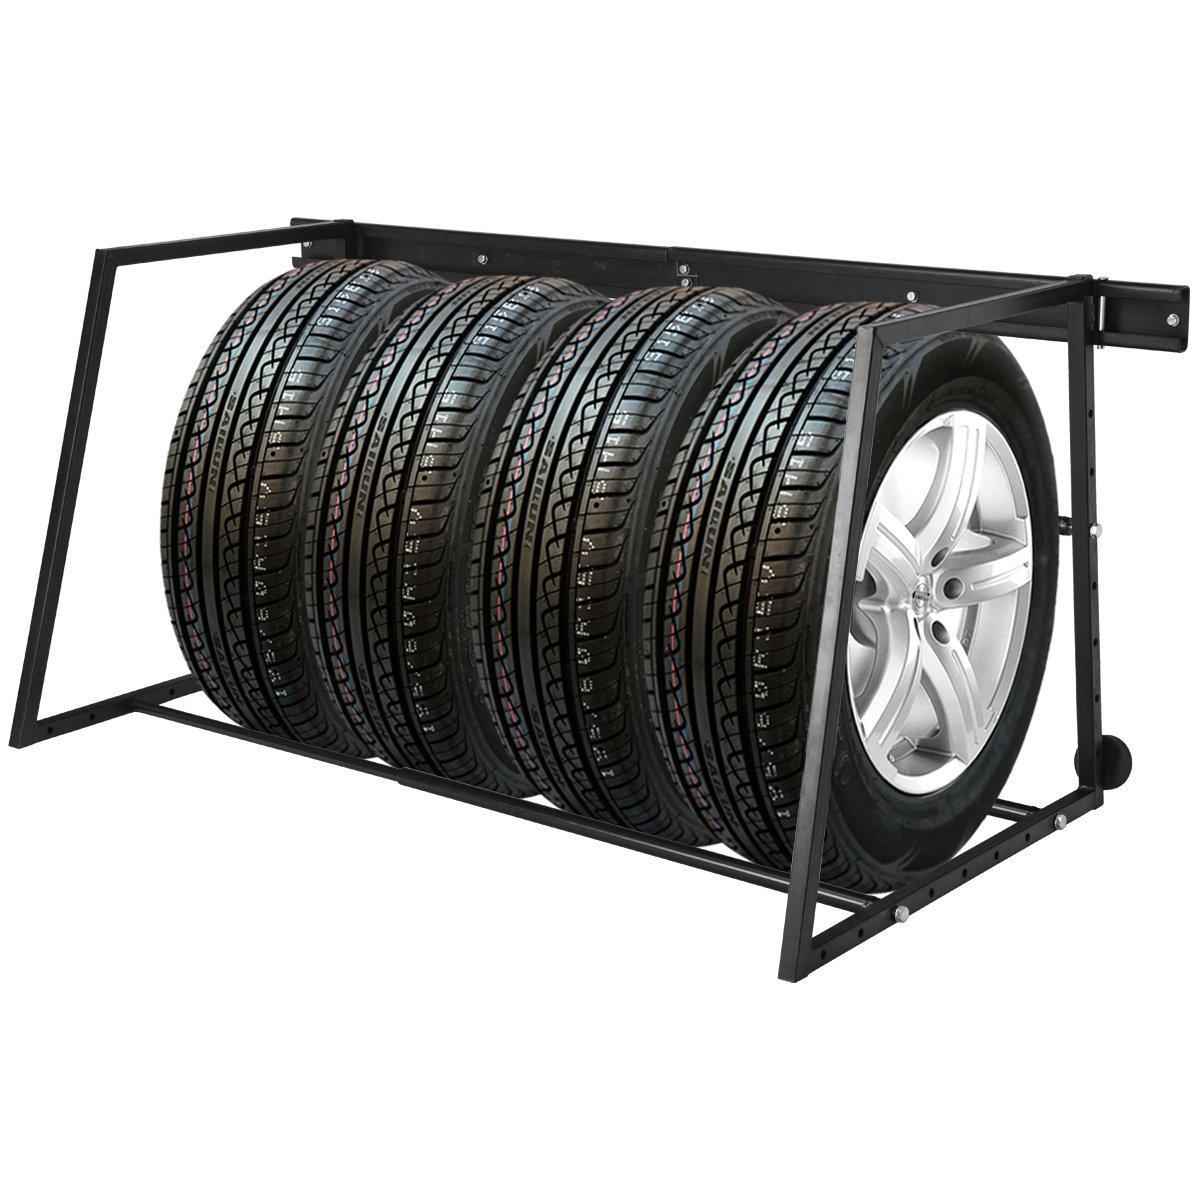 Costway Tyre Wheel Rack Car Truck Tire Storage Garage Wall Mounted Heavy Duty Steel Workshop 180KG 49472LT